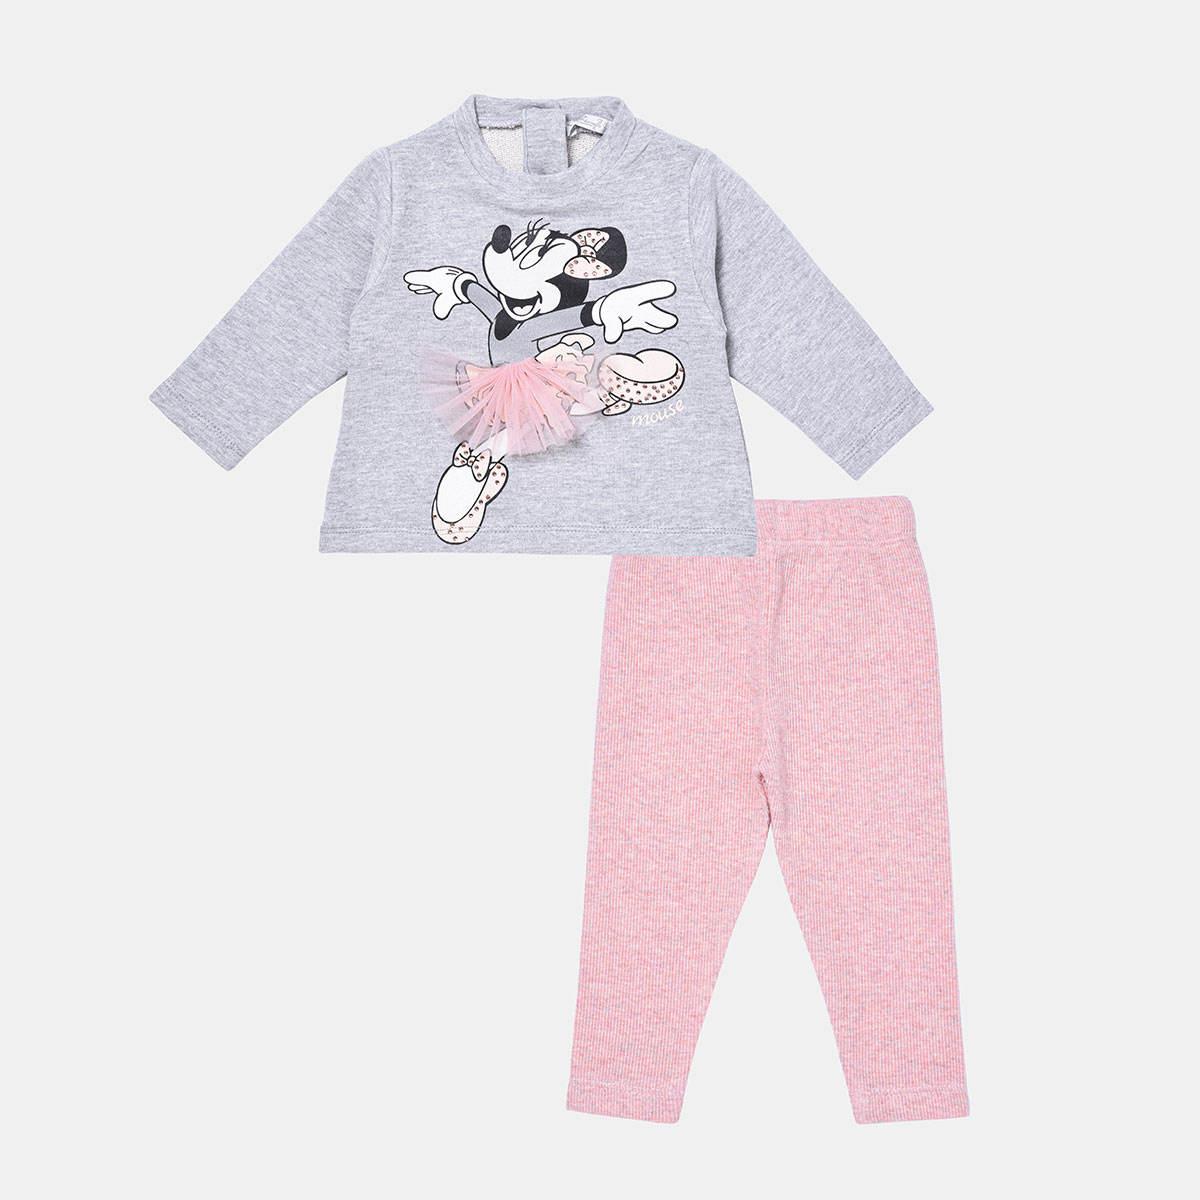 ست تیشرت و شلوار نوزادی فیورلا مدل مینی دامنی کد 21529 -  - 1